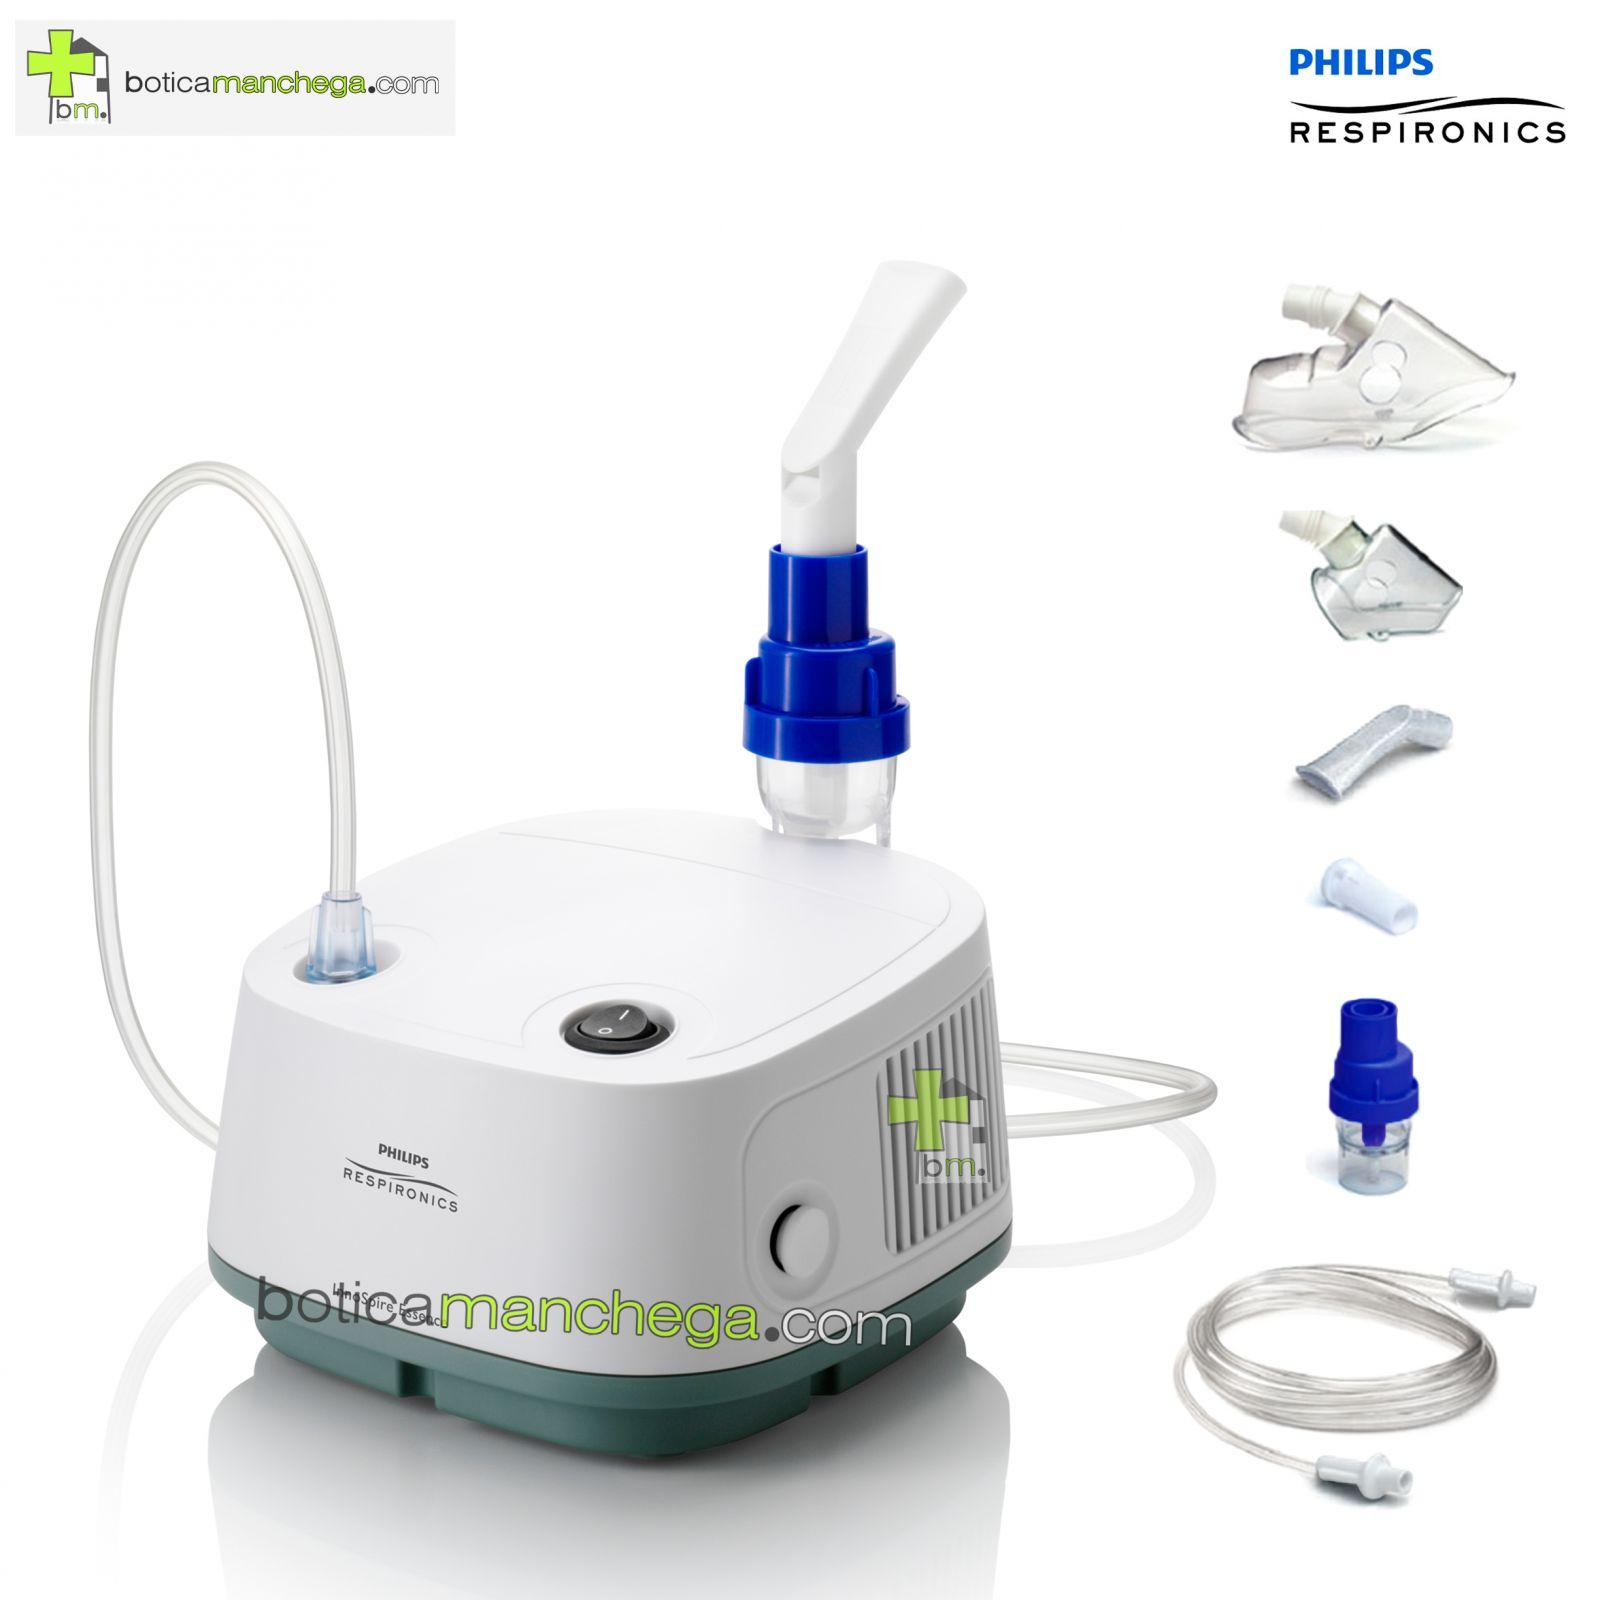 Nebulizador Philips Respironics InnoSpire Essence Sistema de Administración de fármacos inhalatorios en aerosol